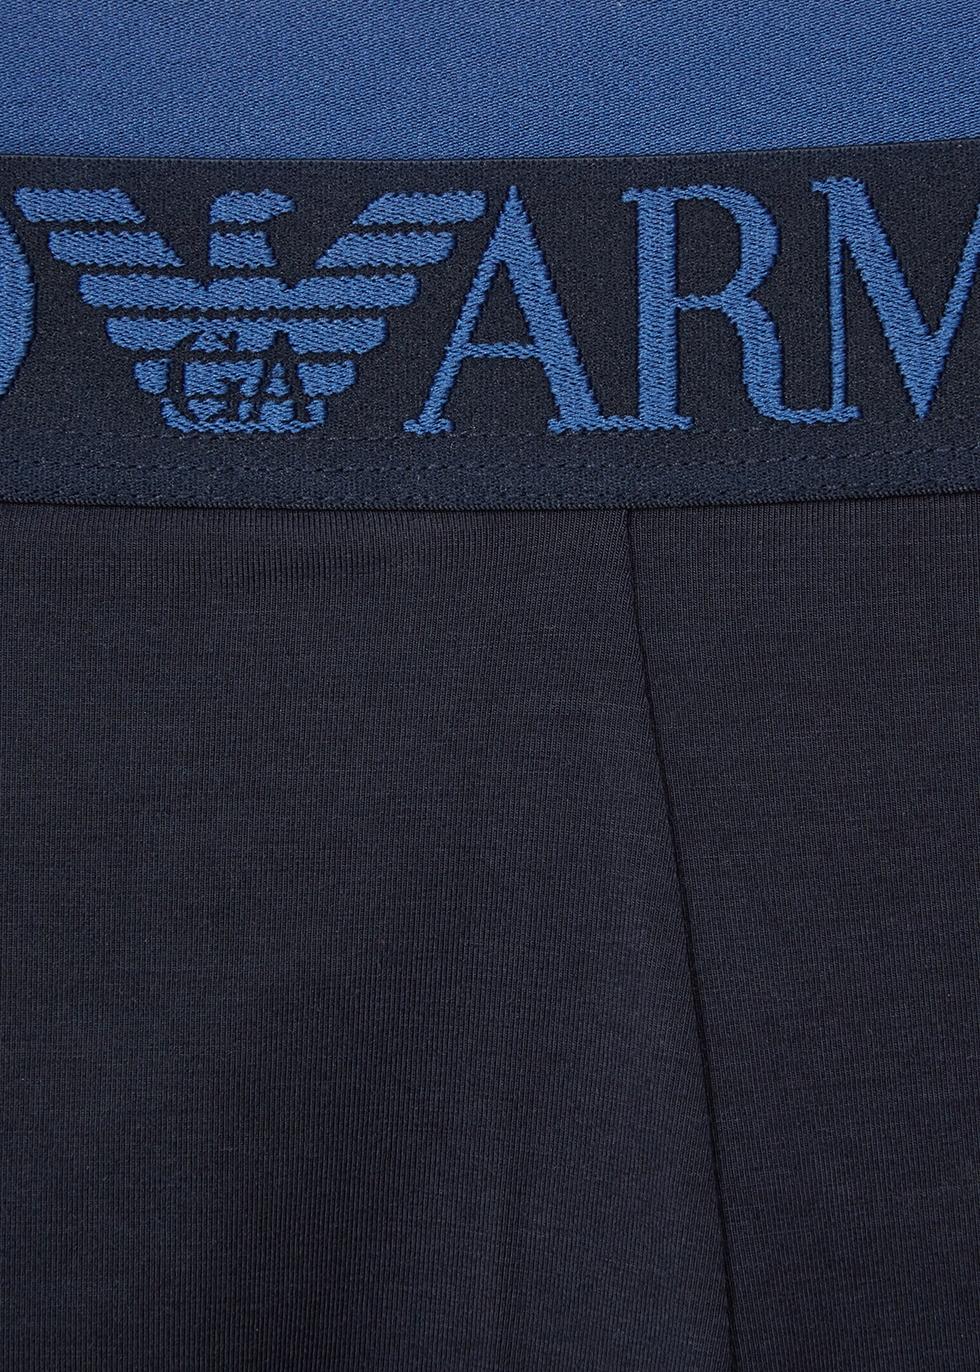 Iconic stretch-modal boxer briefs - Emporio Armani